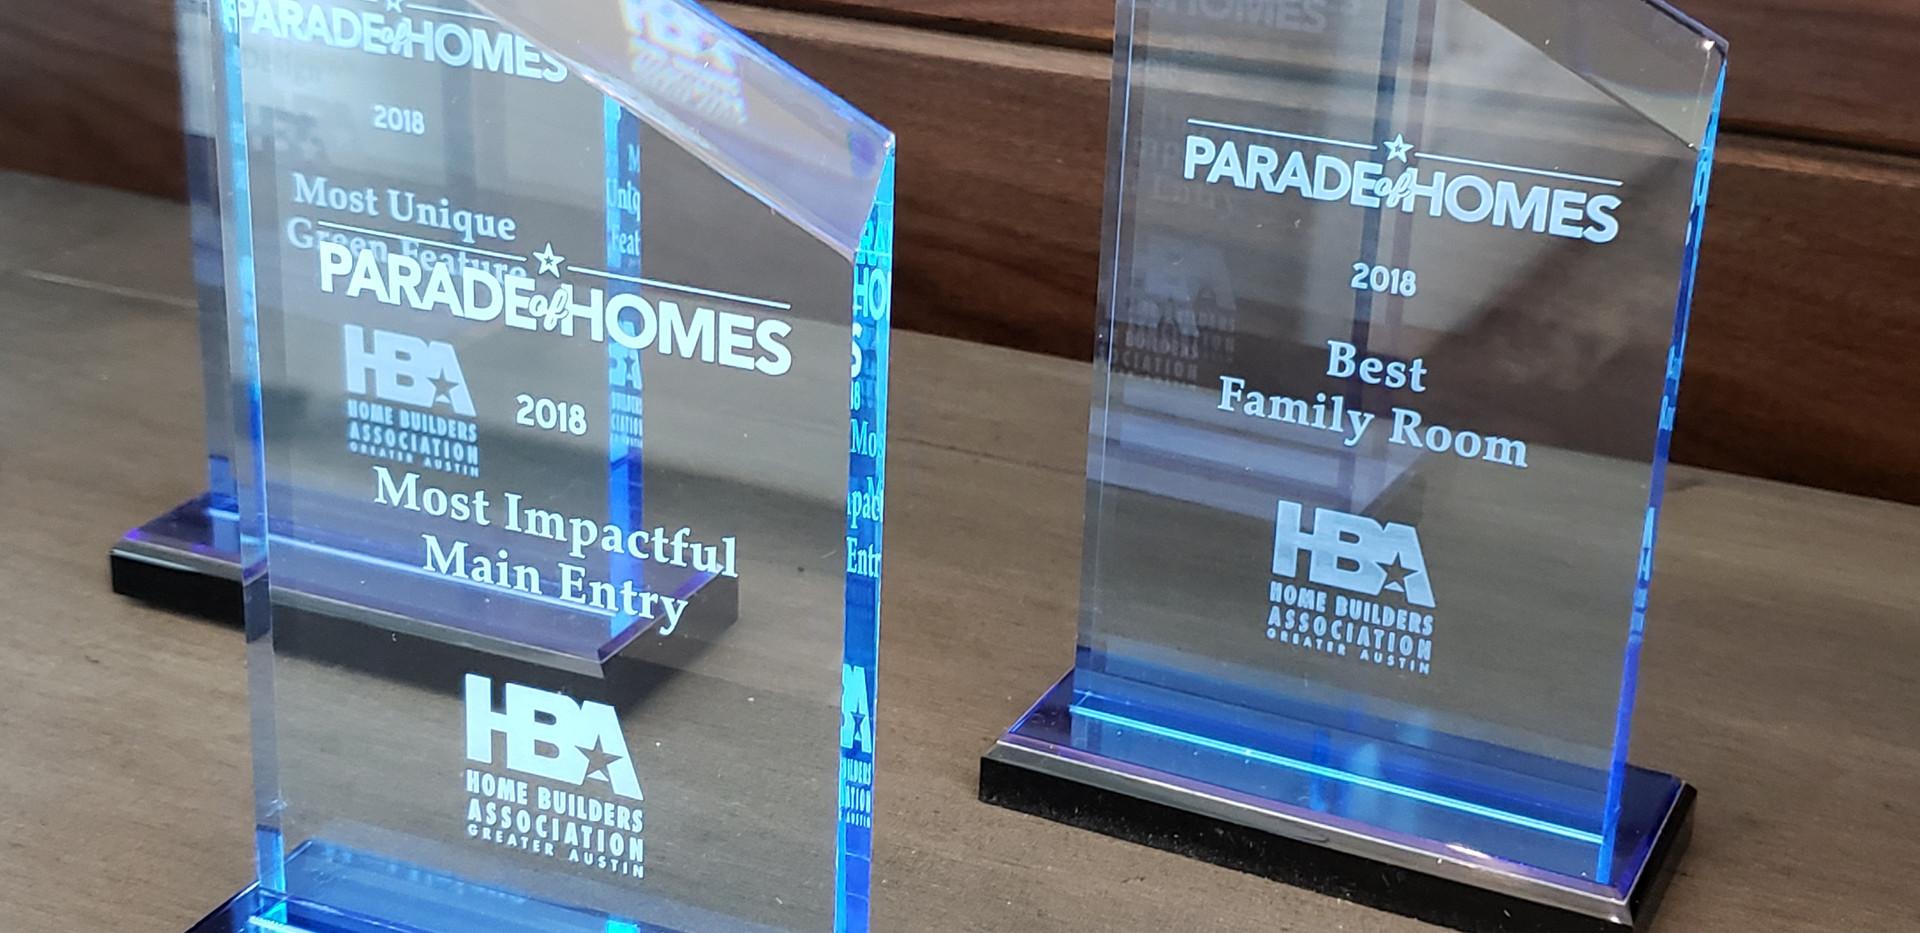 Parade of Homes Austin - Awards